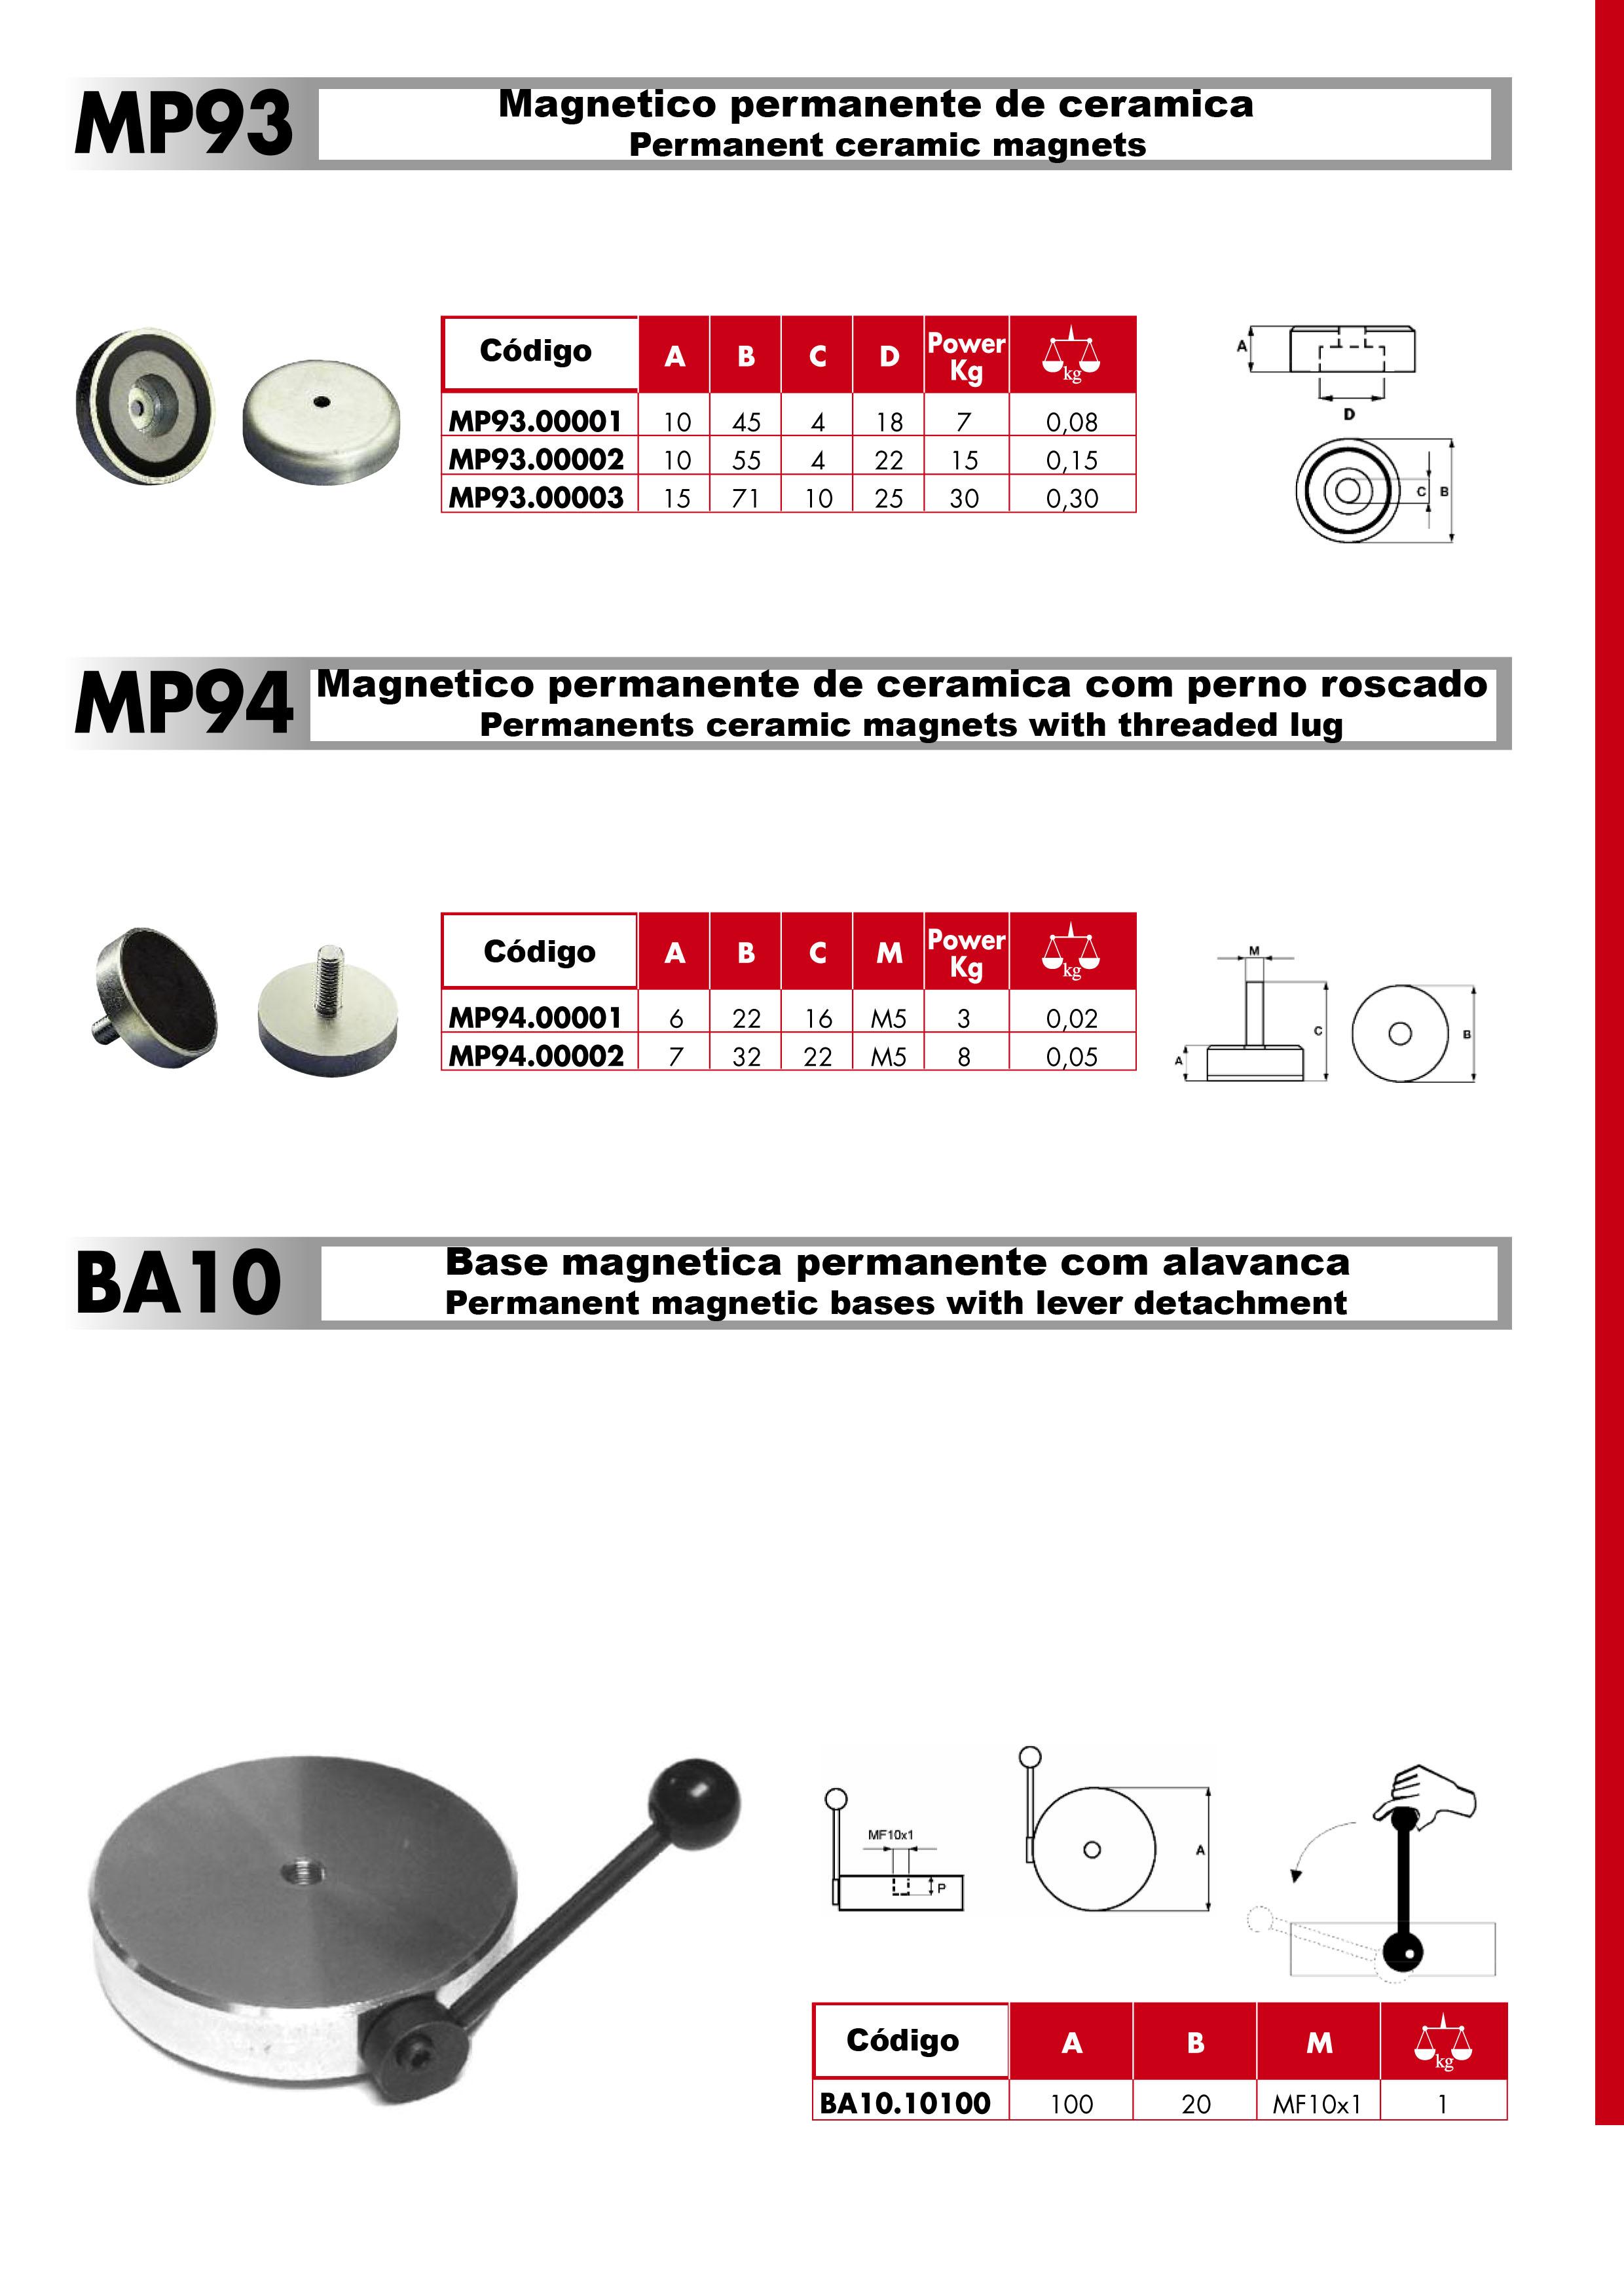 Magnéticos de Ceramica  MP93 Ee MP94        Base c/ Alava